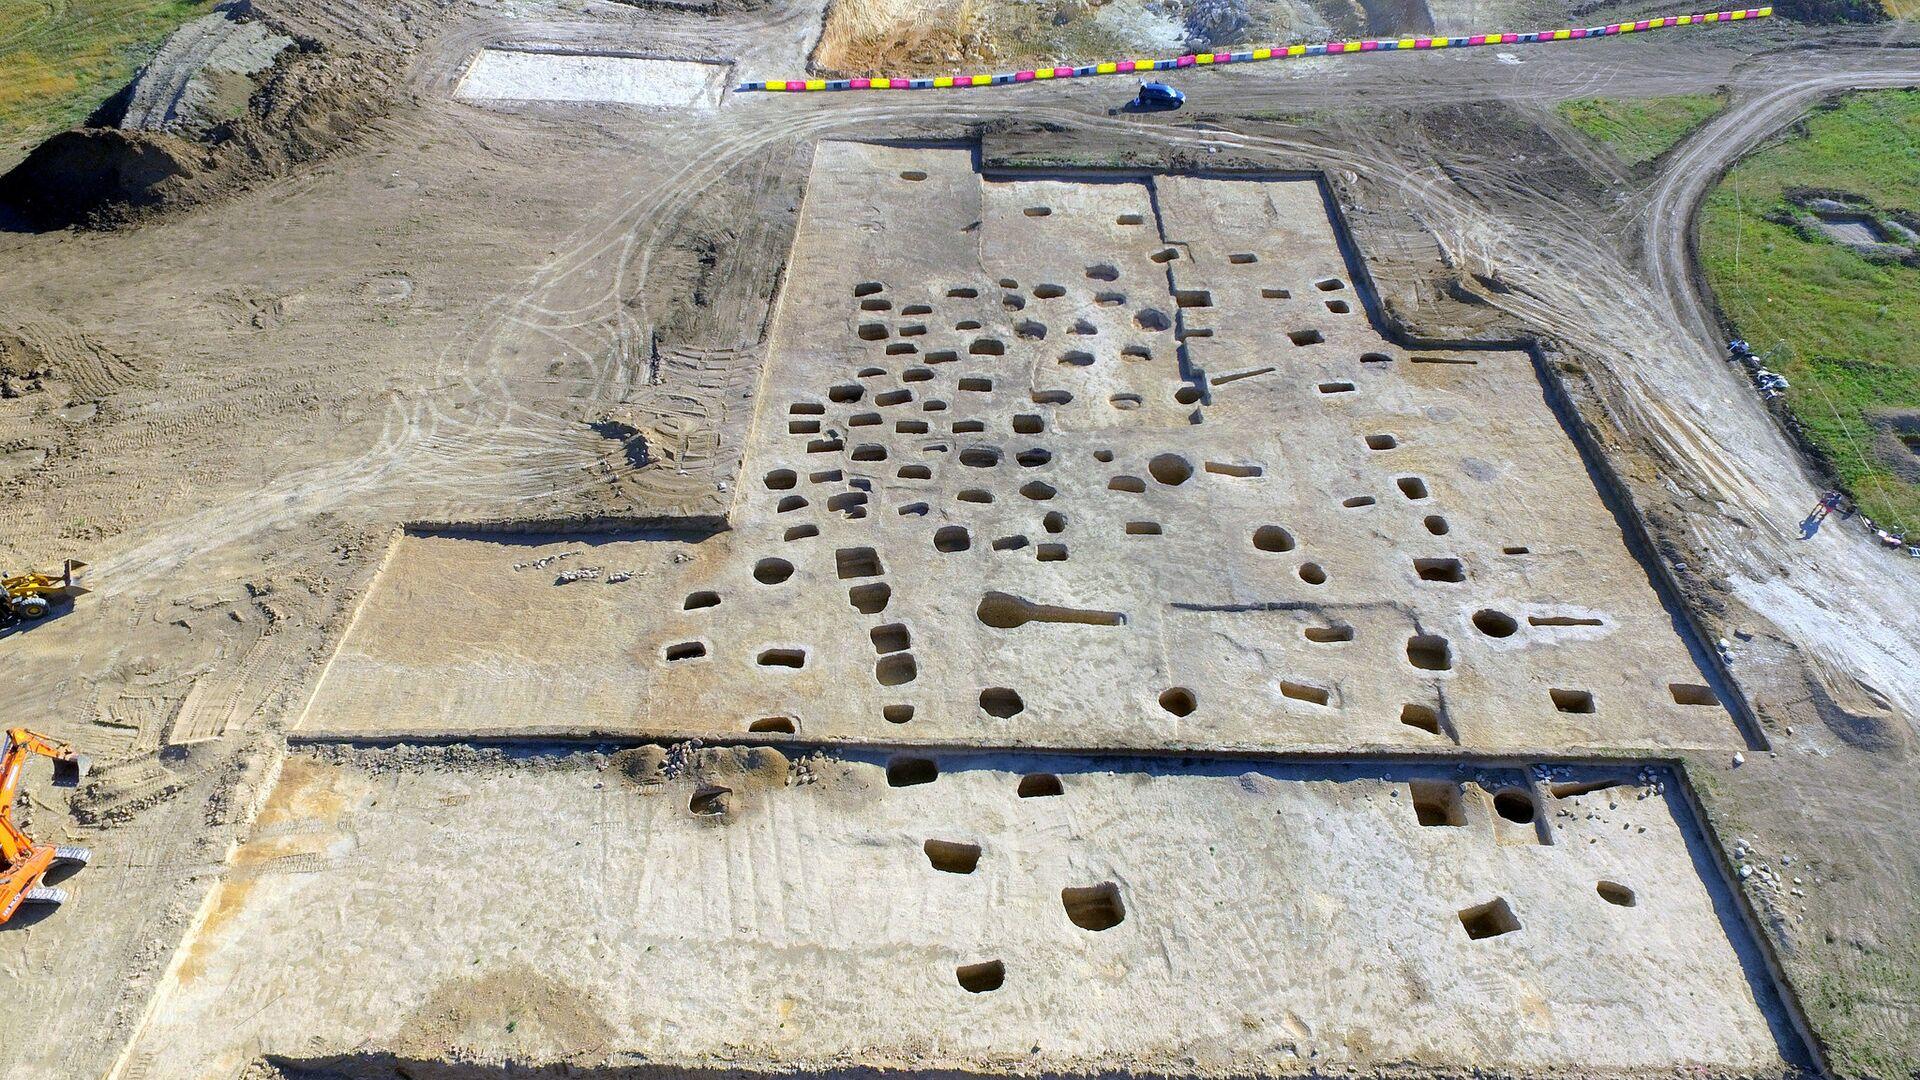 Позднескифский могильник II-IV веков нашей эры, найденный при раскопках на будущей автотрассе Таврида в районе Севастополя. 29 июня 2018 - РИА Новости, 1920, 28.01.2021